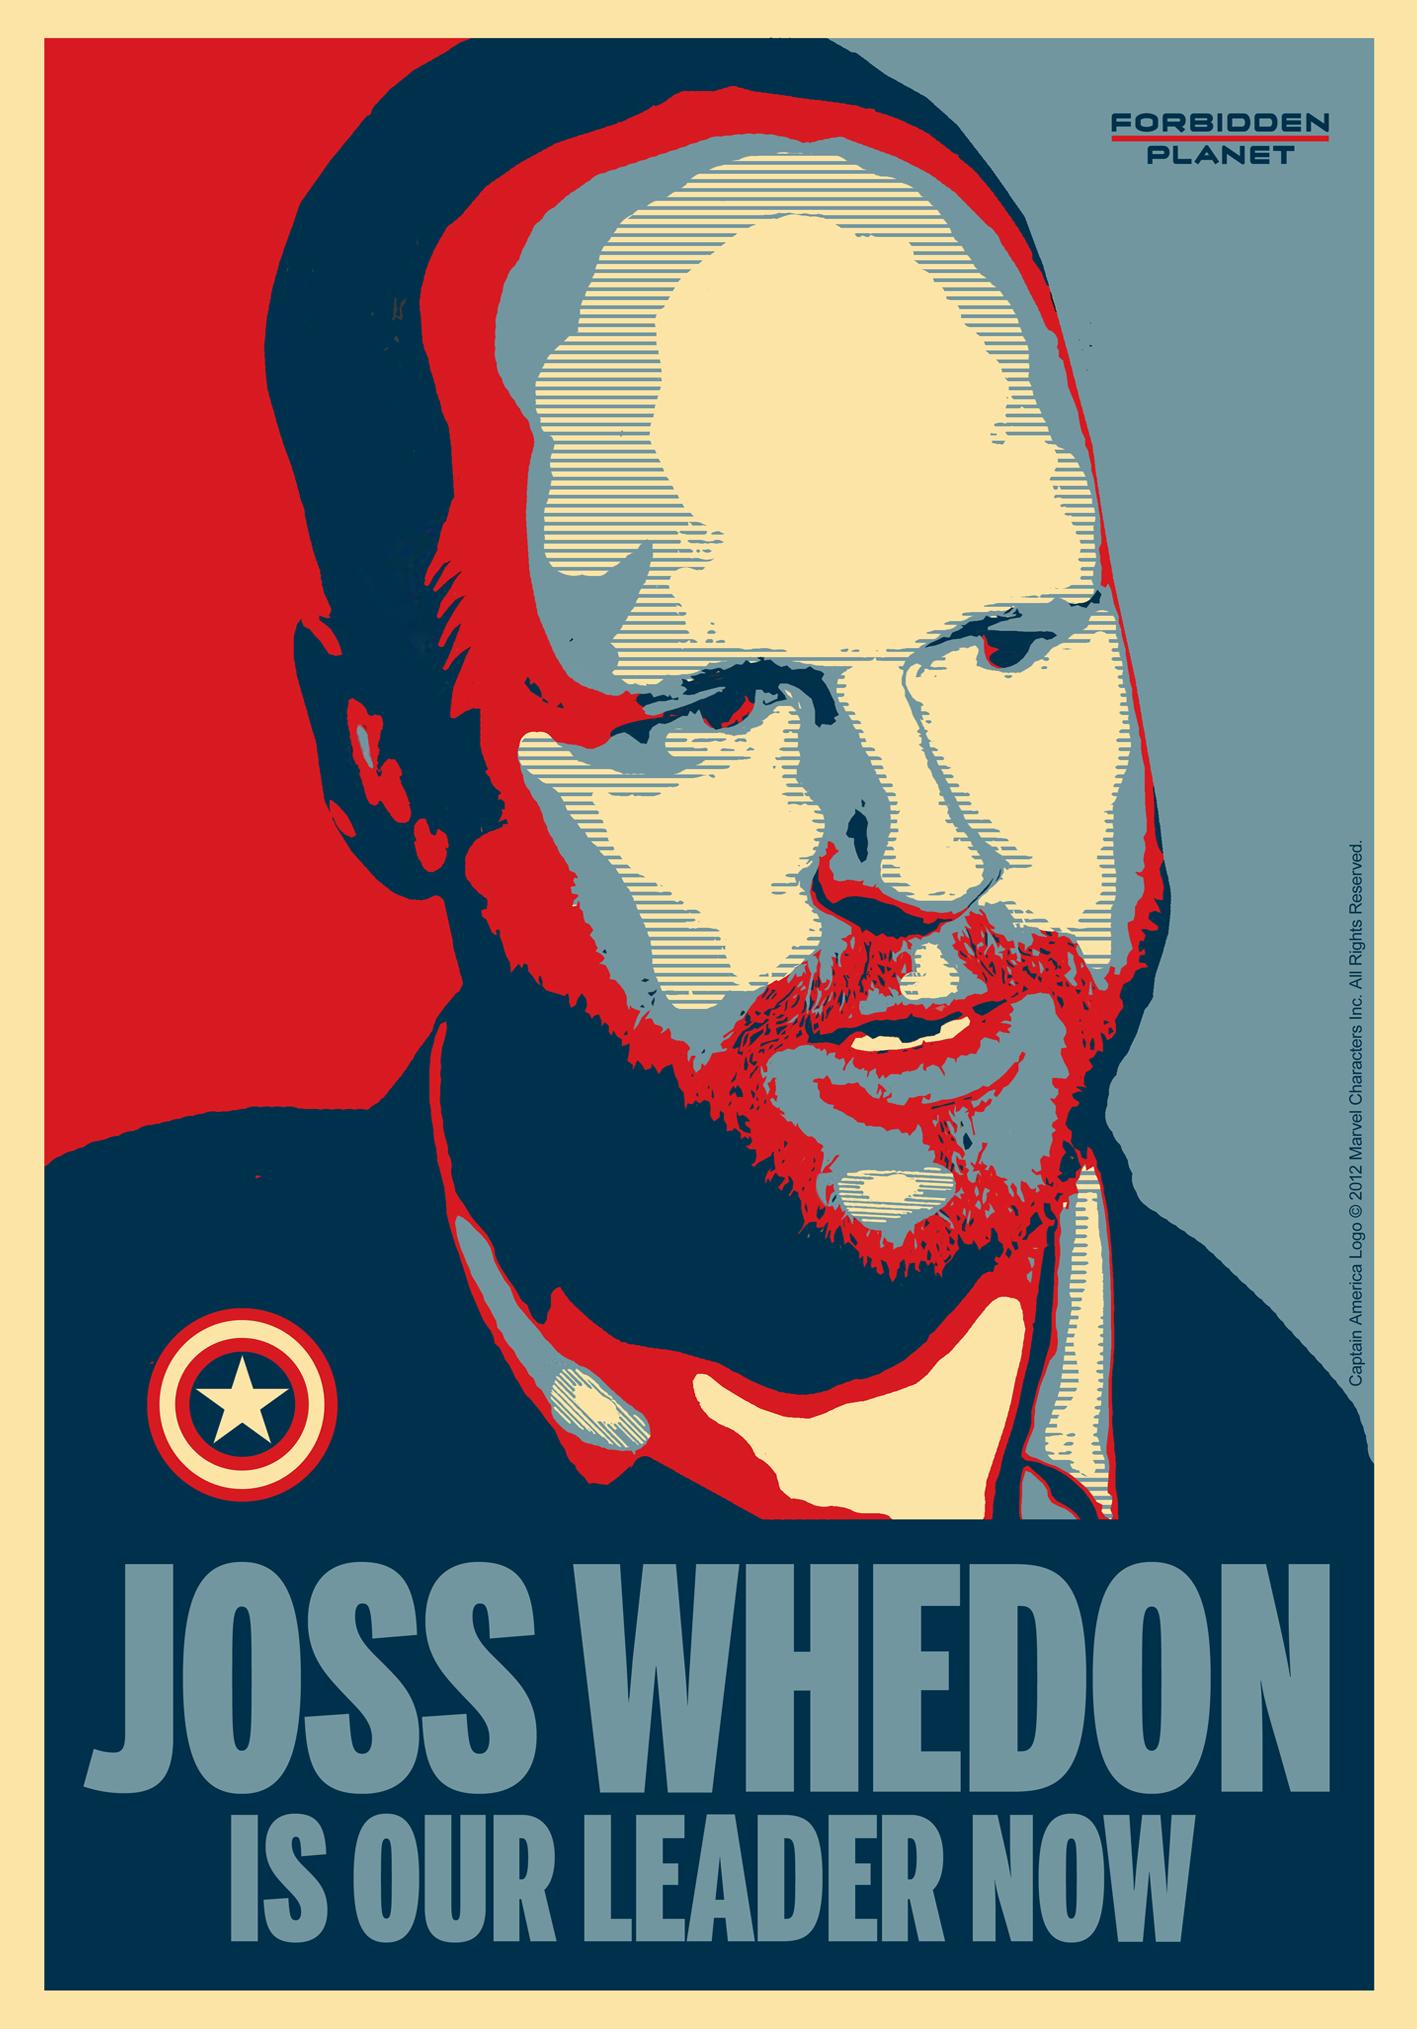 http://returntofleet.files.wordpress.com/2012/08/joss-whedon-is-our-leader-now.jpg